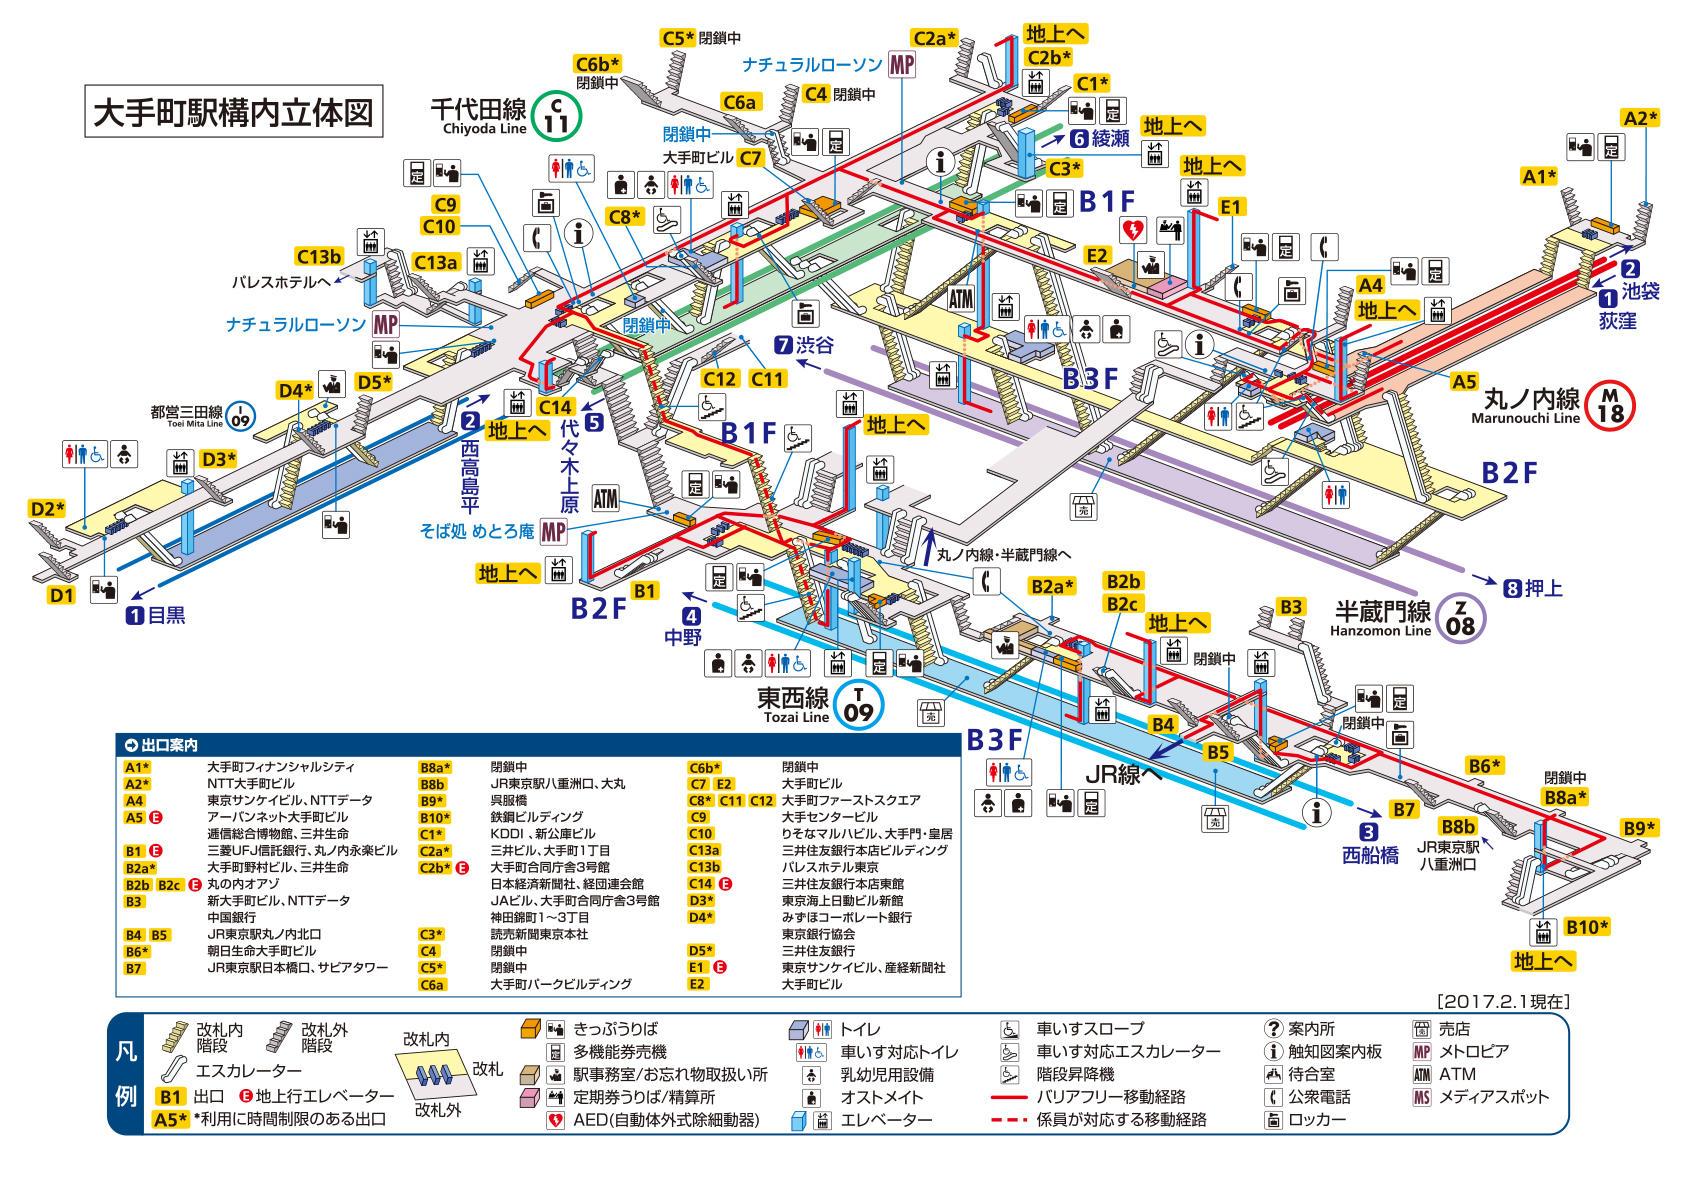 竹橋駅の駅周辺情報 - Yahoo!路線情報